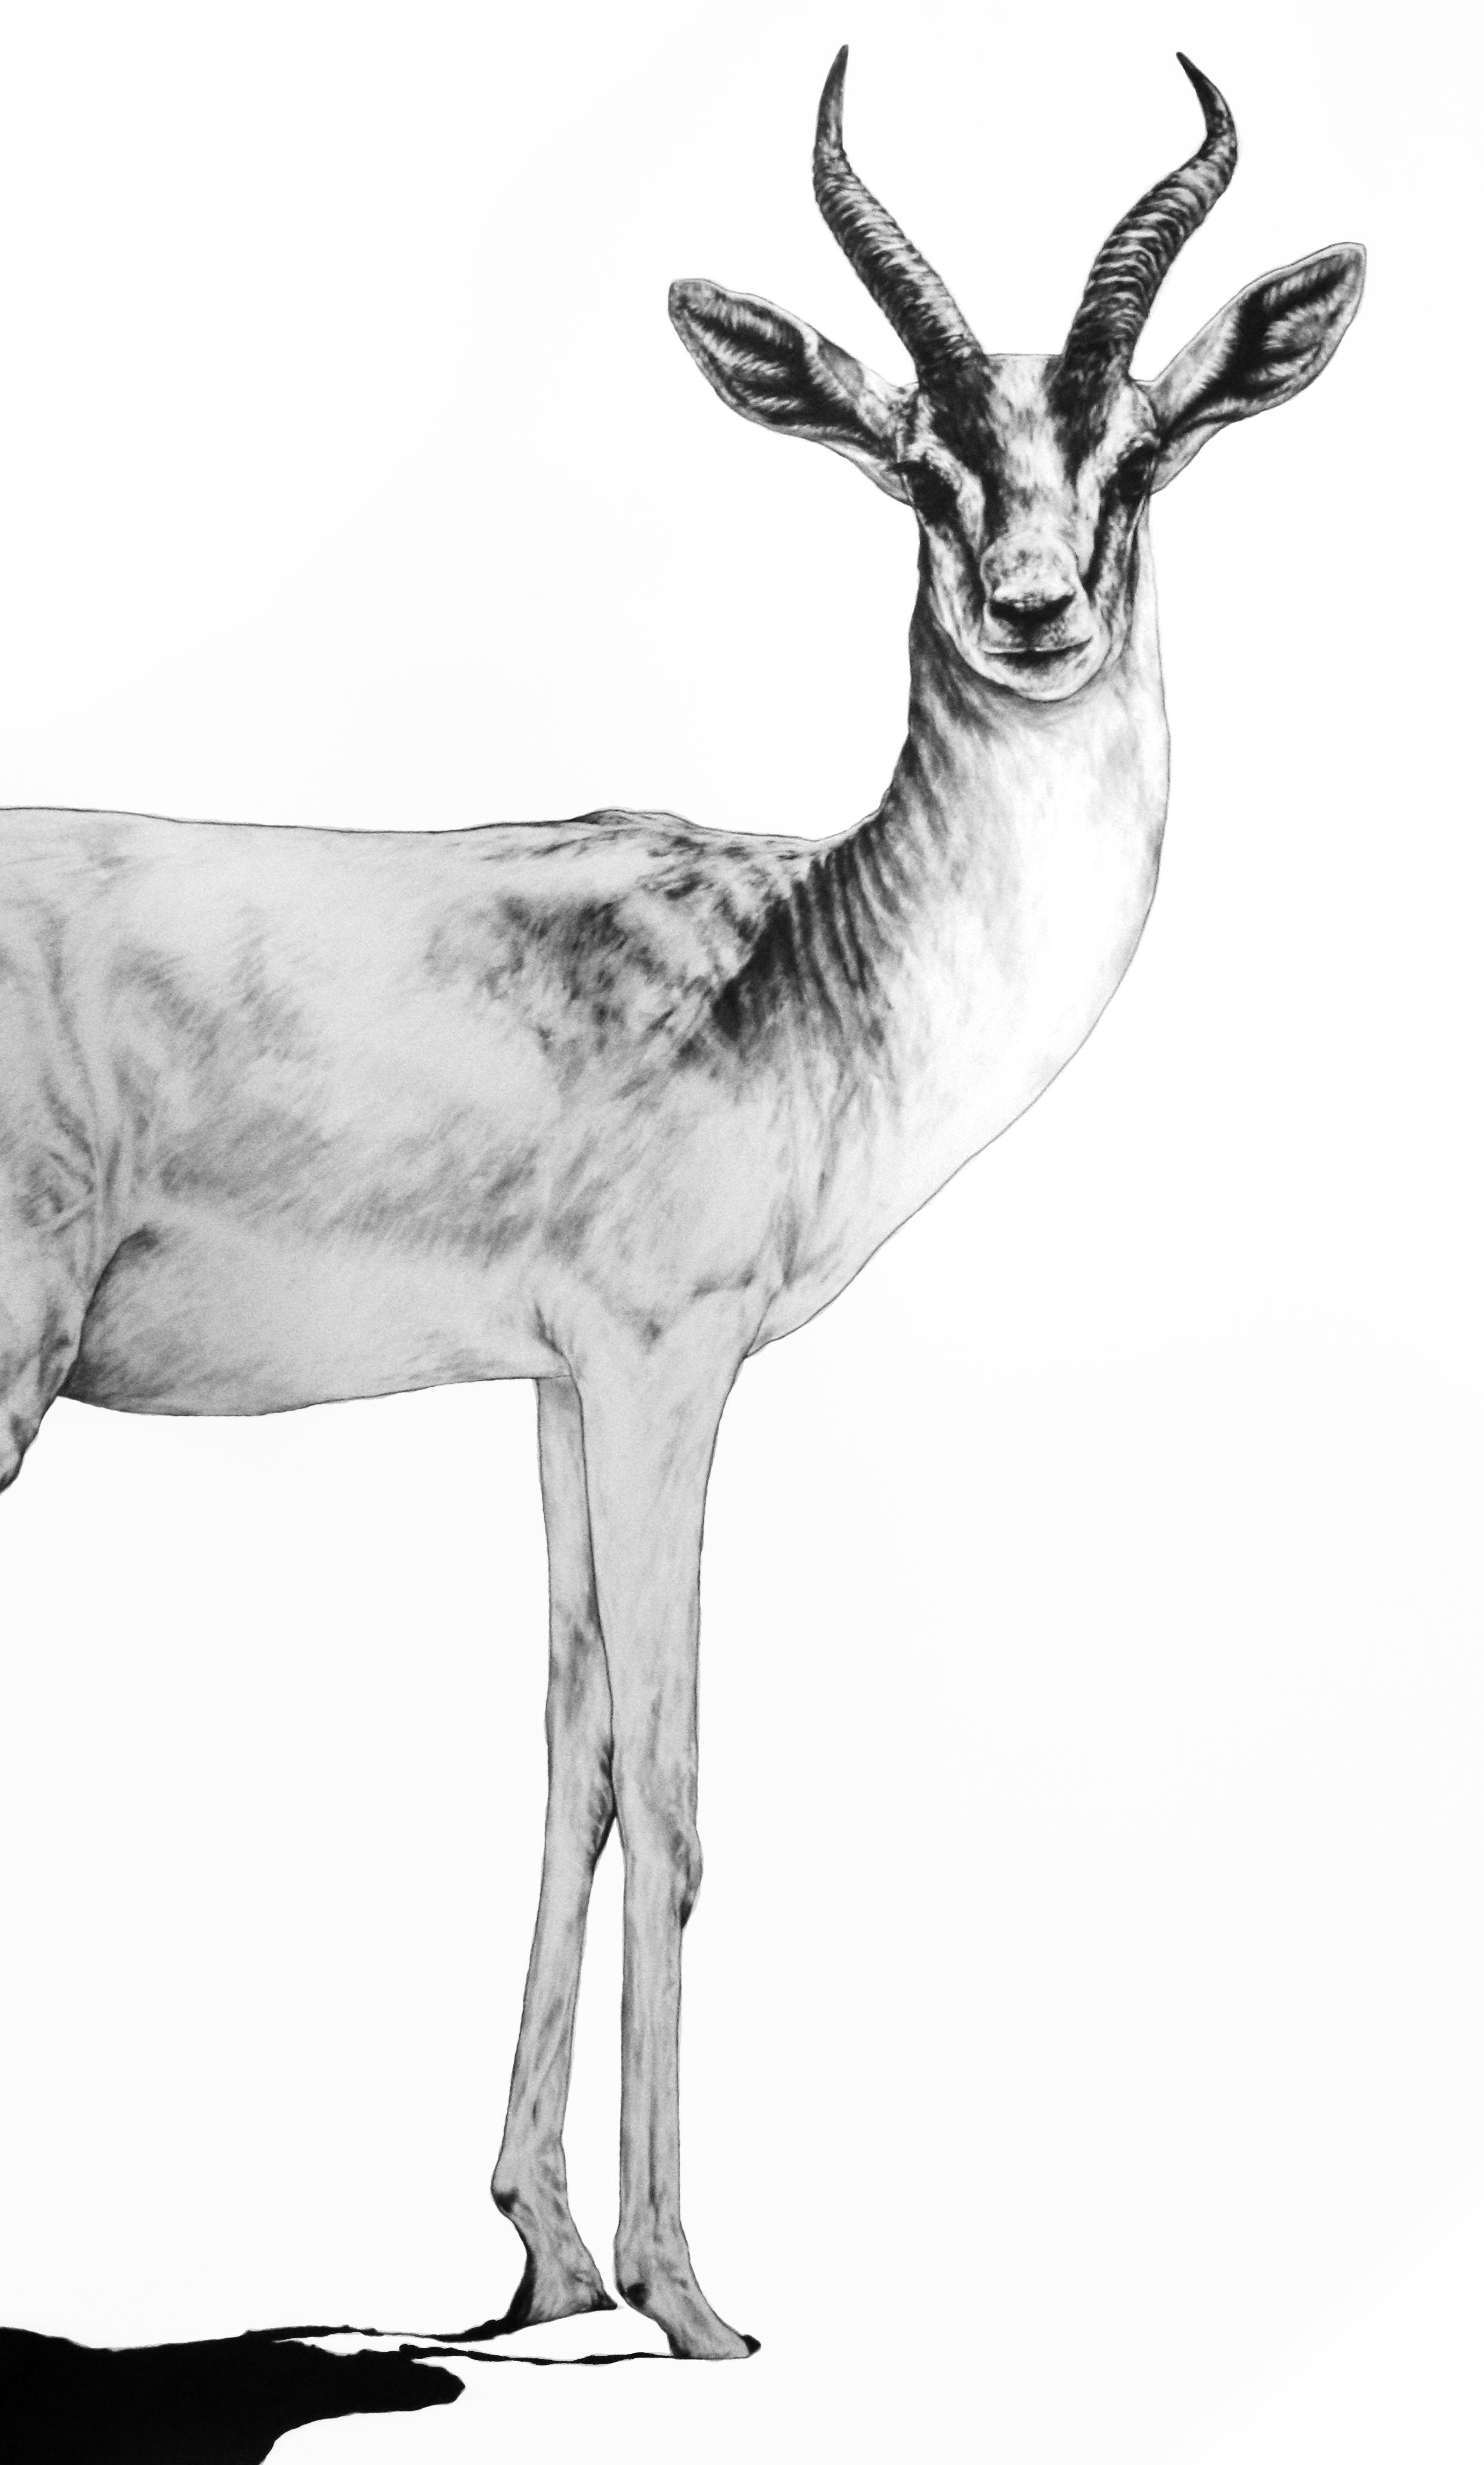 Gazelle   .   2017. Graphite on Fabriano Artistico 300 GSM Paper. 140 x 120 cm.